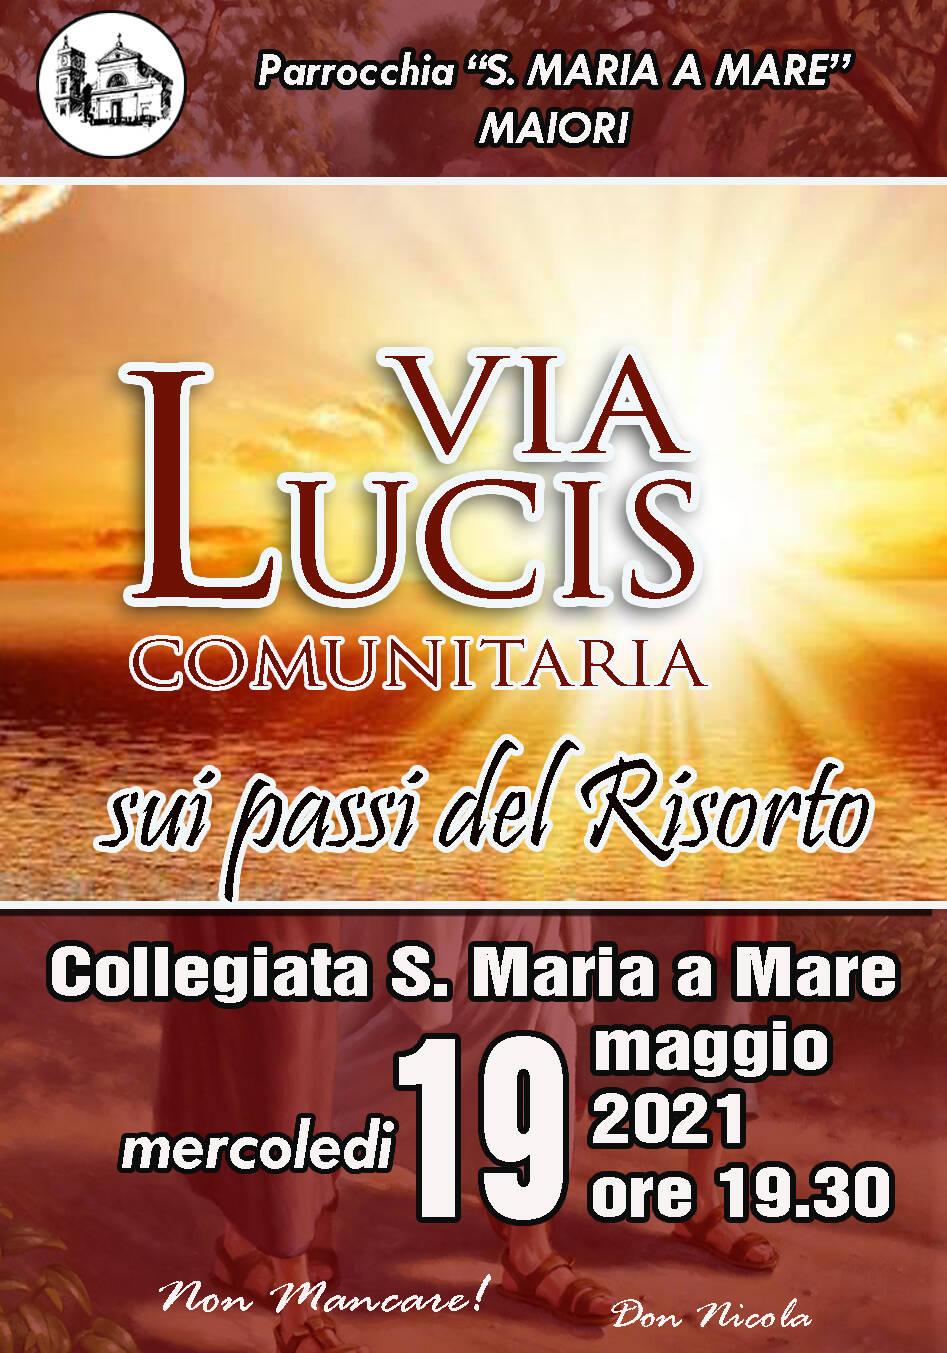 Maiori, questa sera il rito della Via Lucis presso la Collegiata di S. Maria a Mare